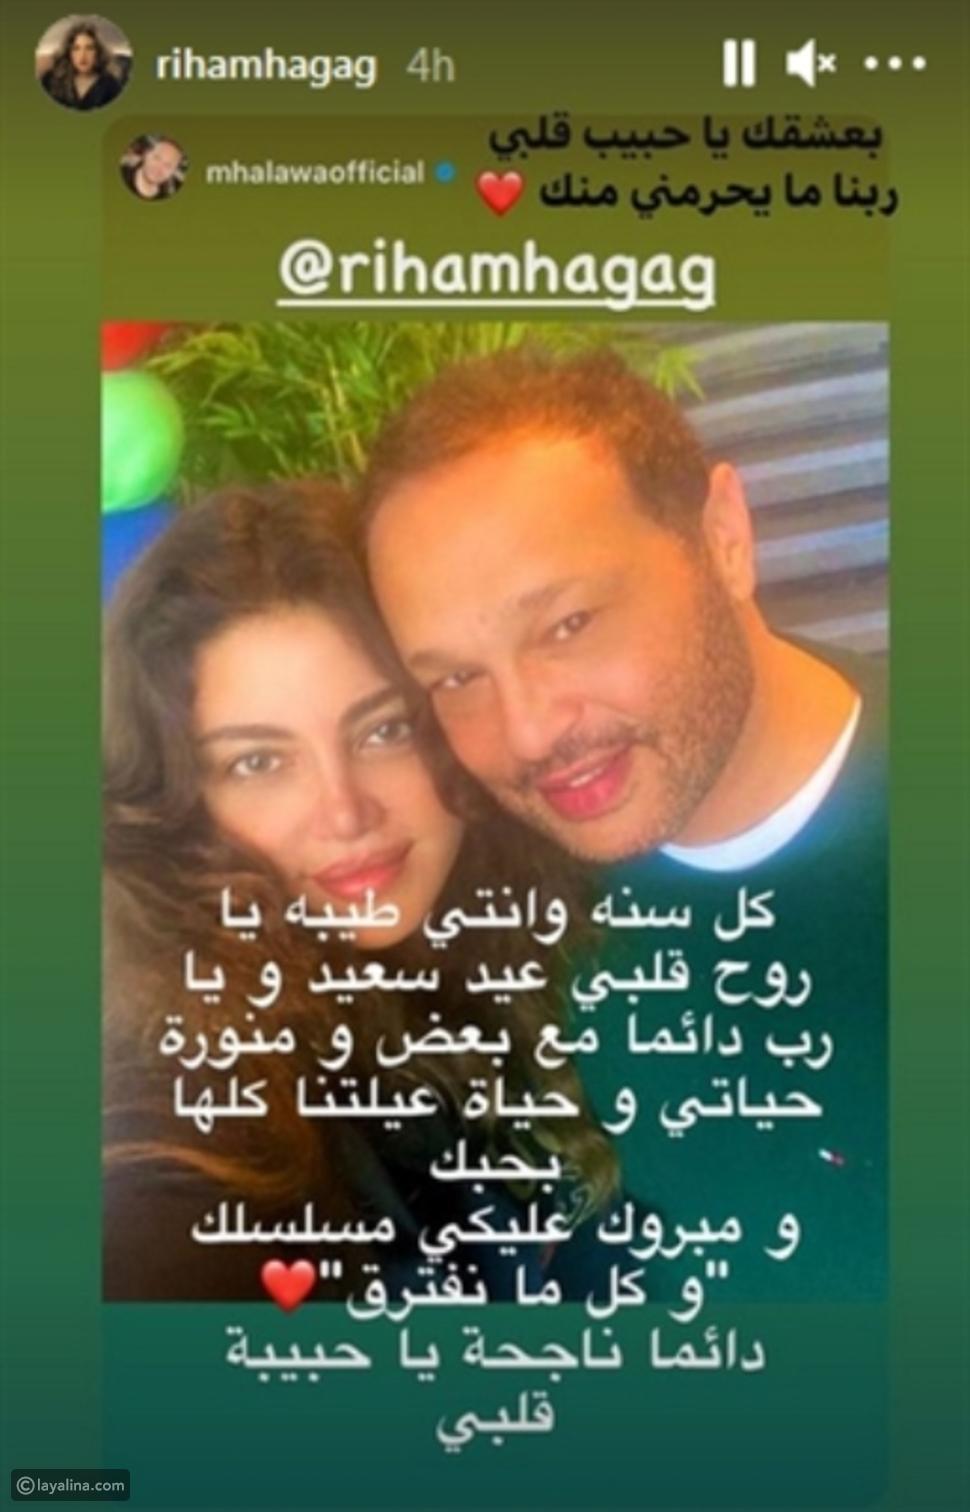 زوج ريهام حجاج يتغزل بها: دائما ناجحة ومنورة حياتي